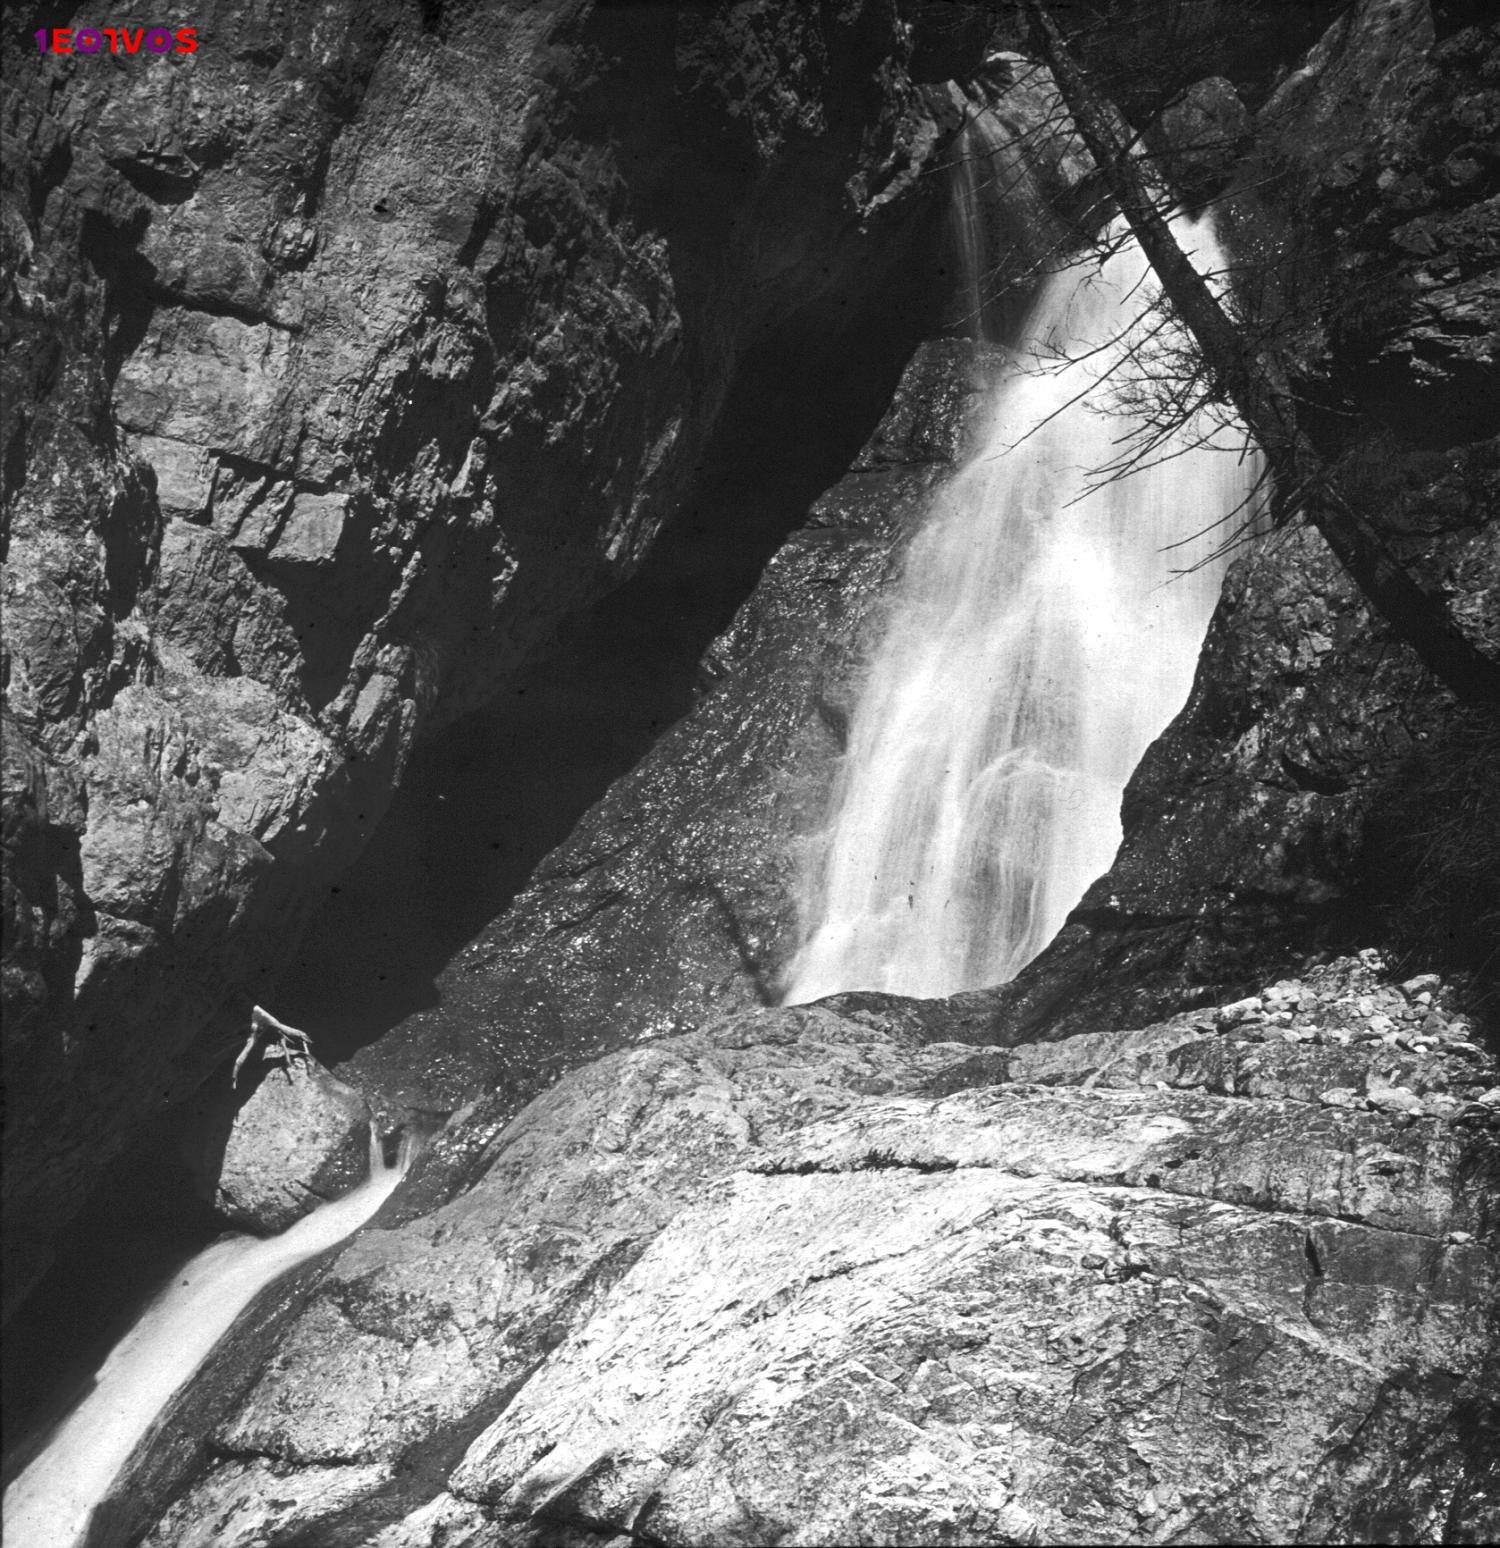 Eötvös Loránd fényképe a vízesésekről